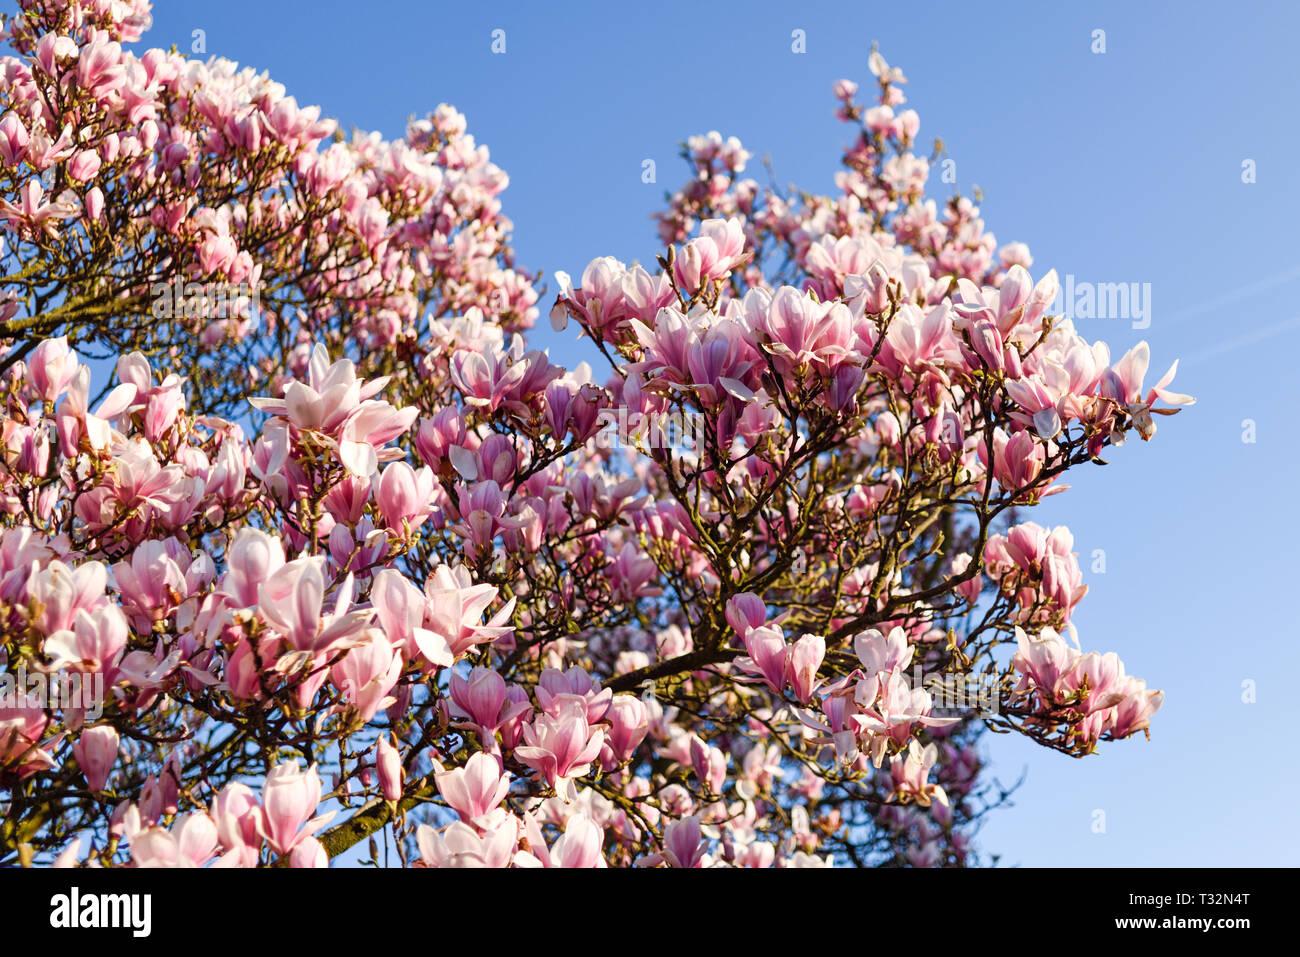 Fioritura rosa albero di magnolia in primavera. Foto Stock